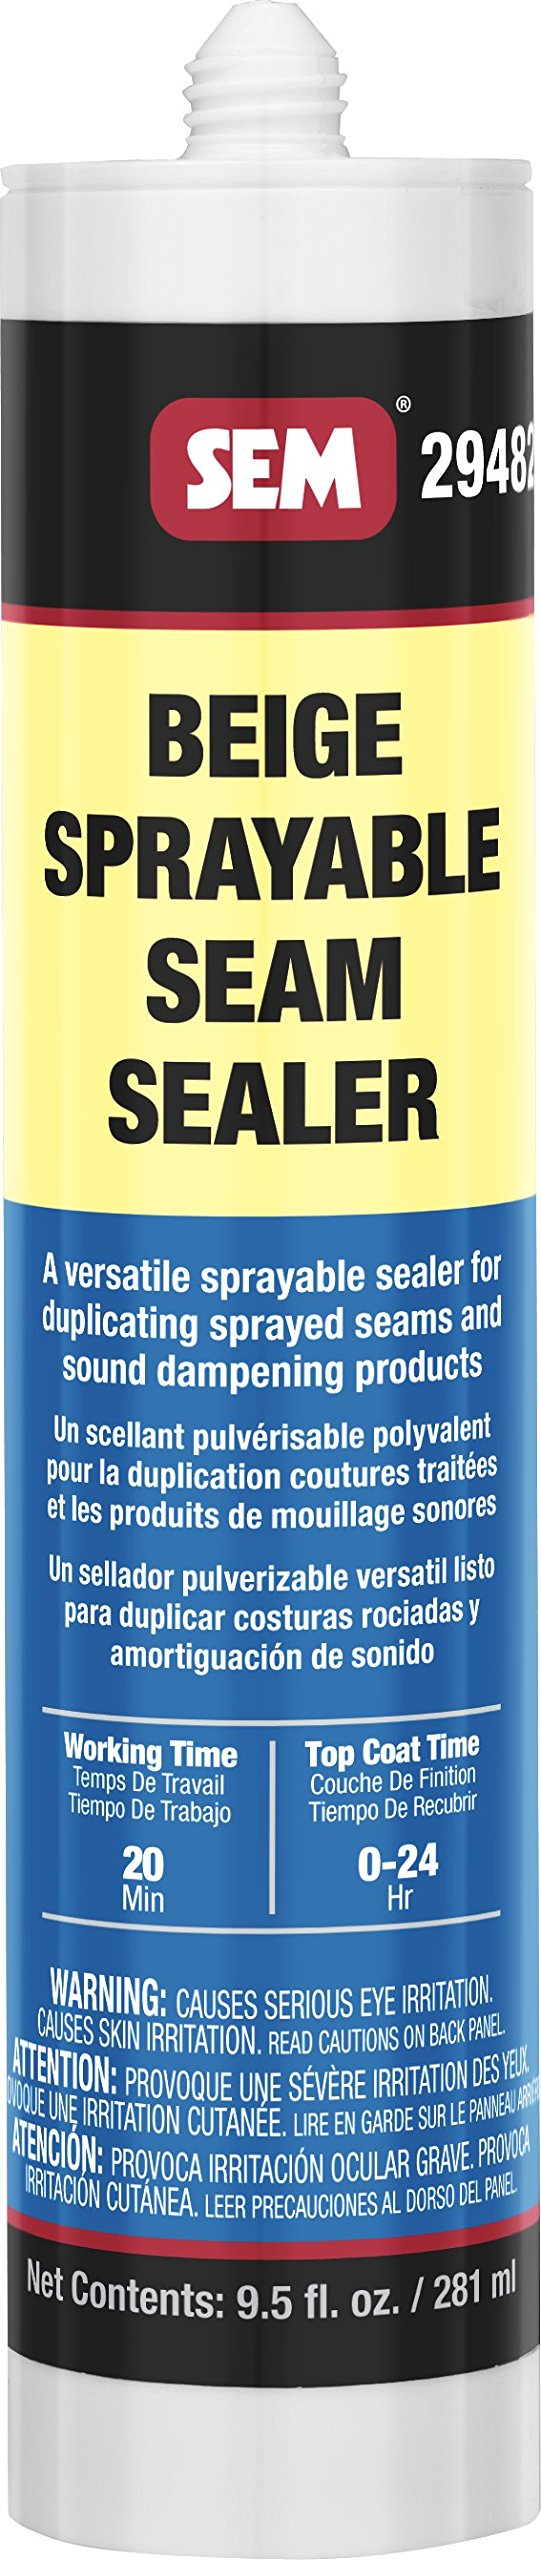 SEM 29482 1K Beige Seam Sealer, 9.5 oz. by SEM